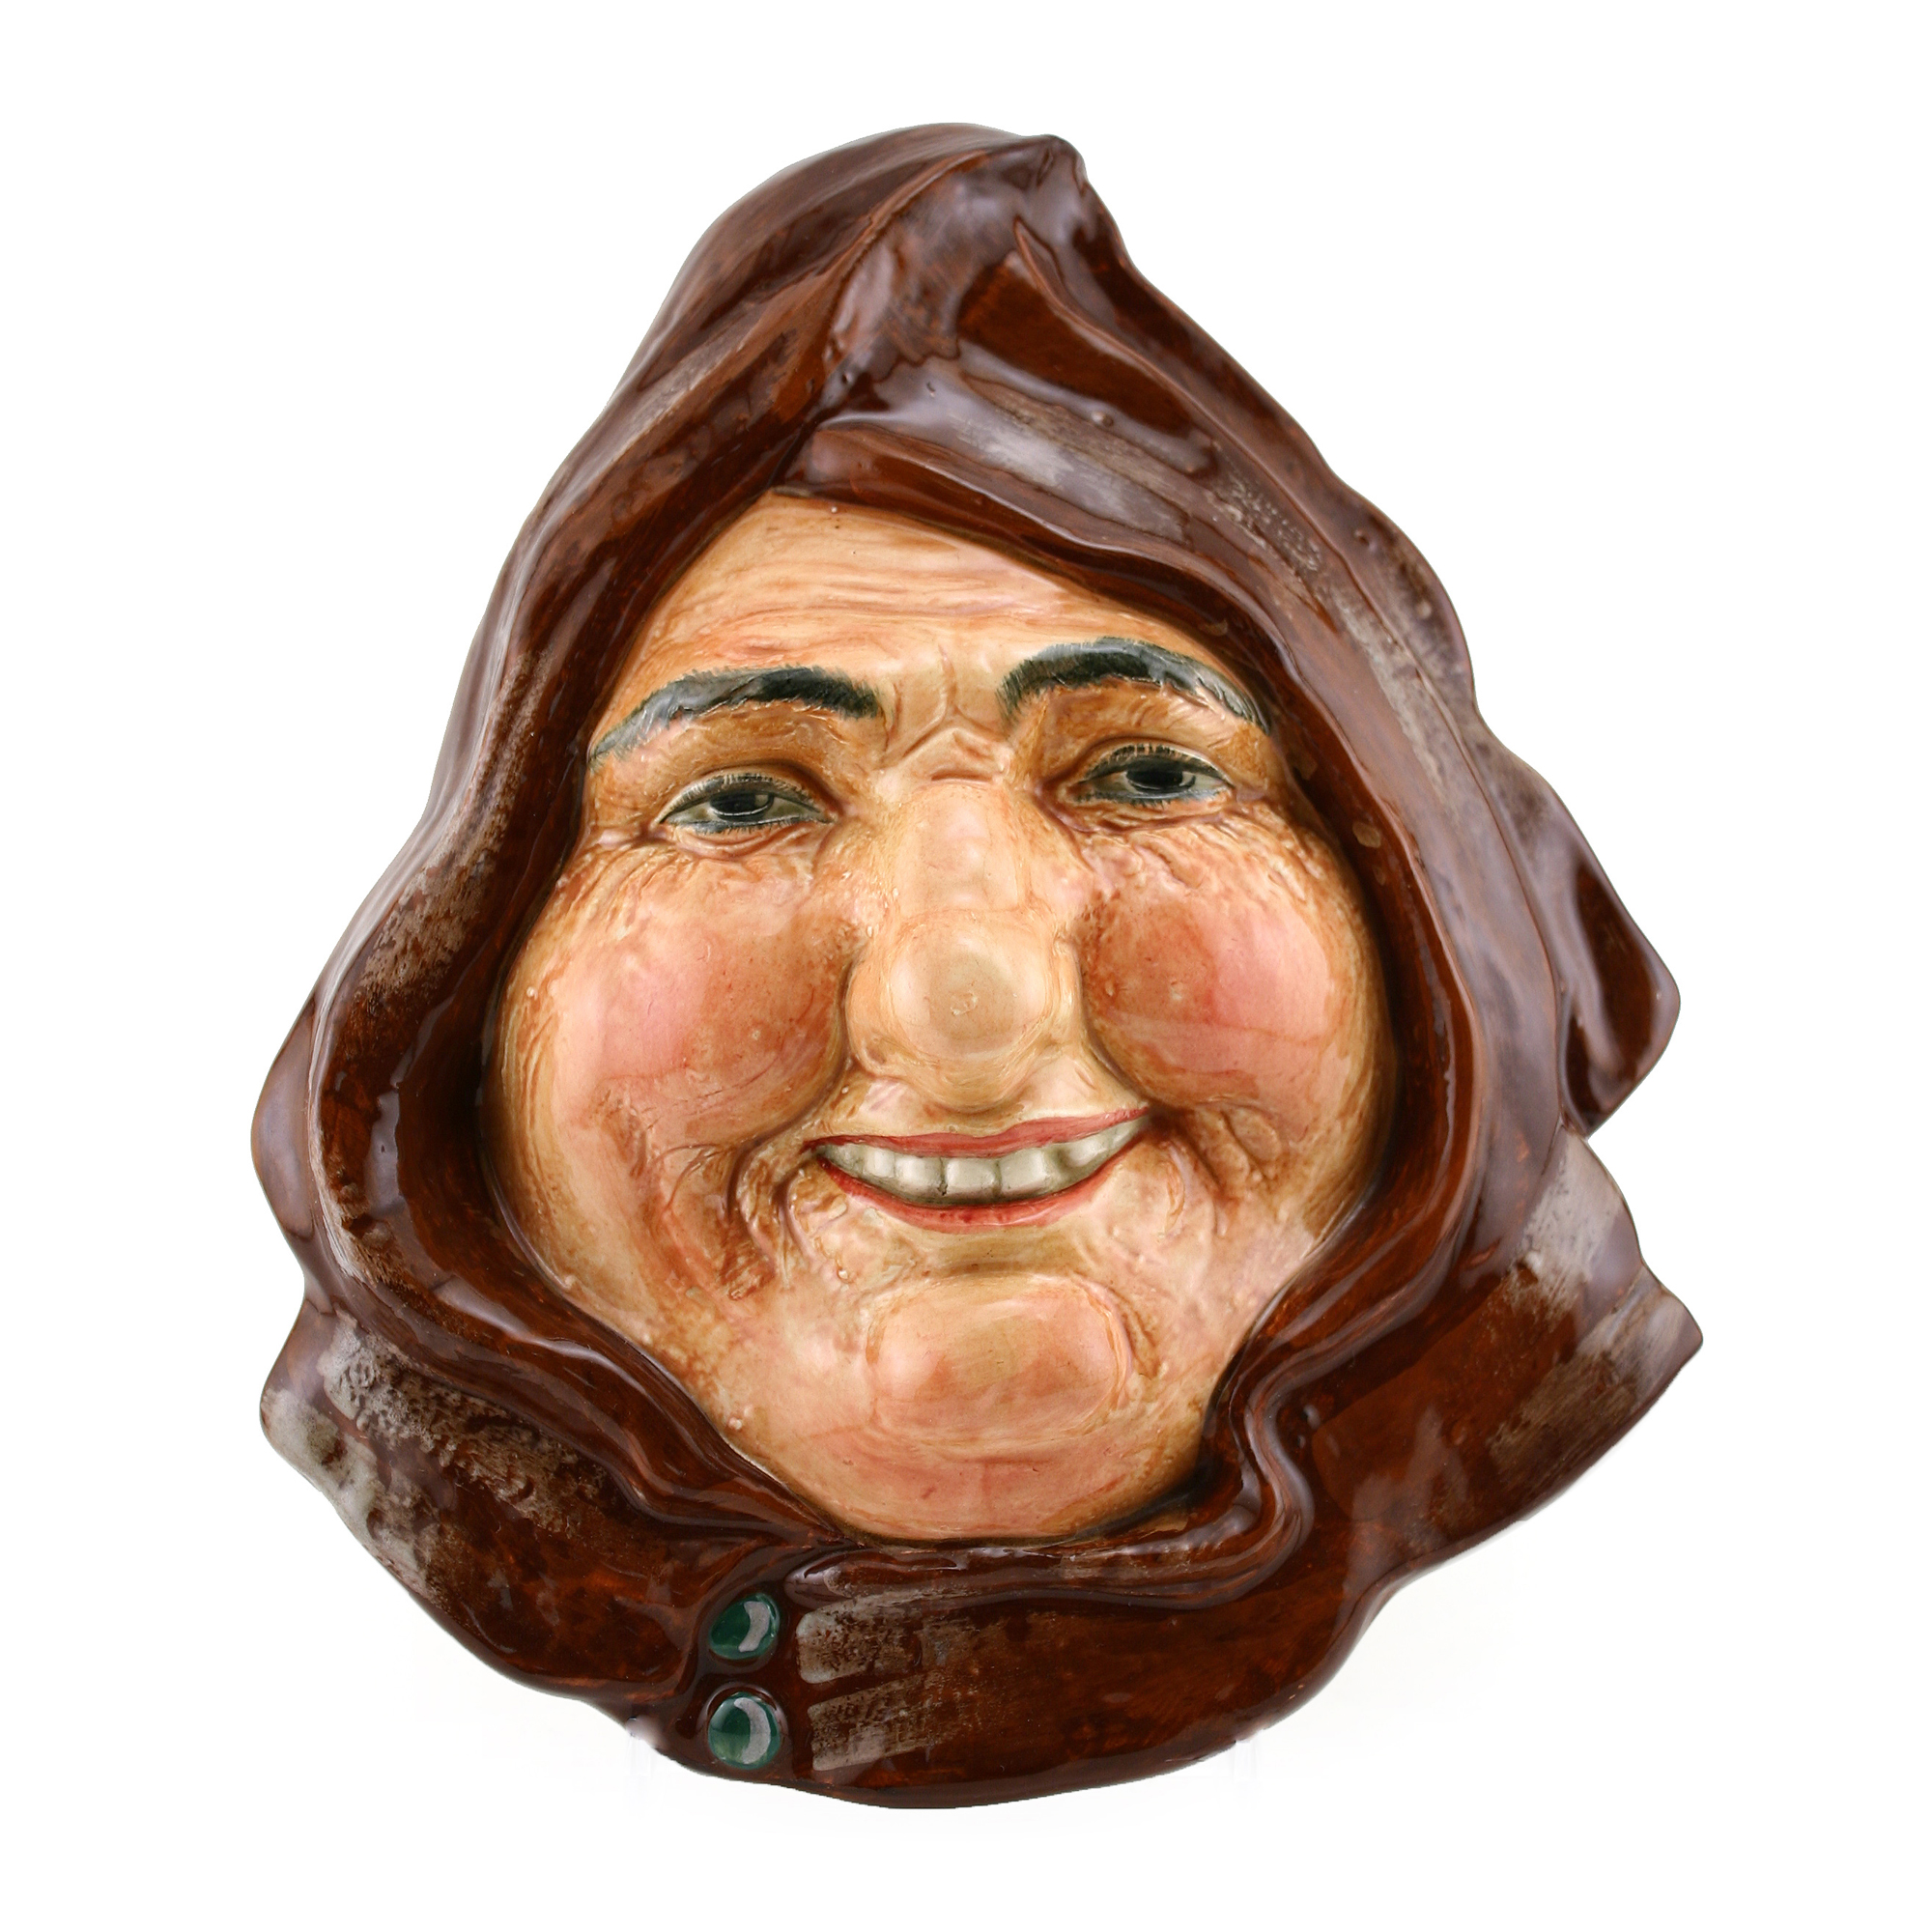 Friar of Orders Grey Wall Mask HN1733 - Royal Doulton